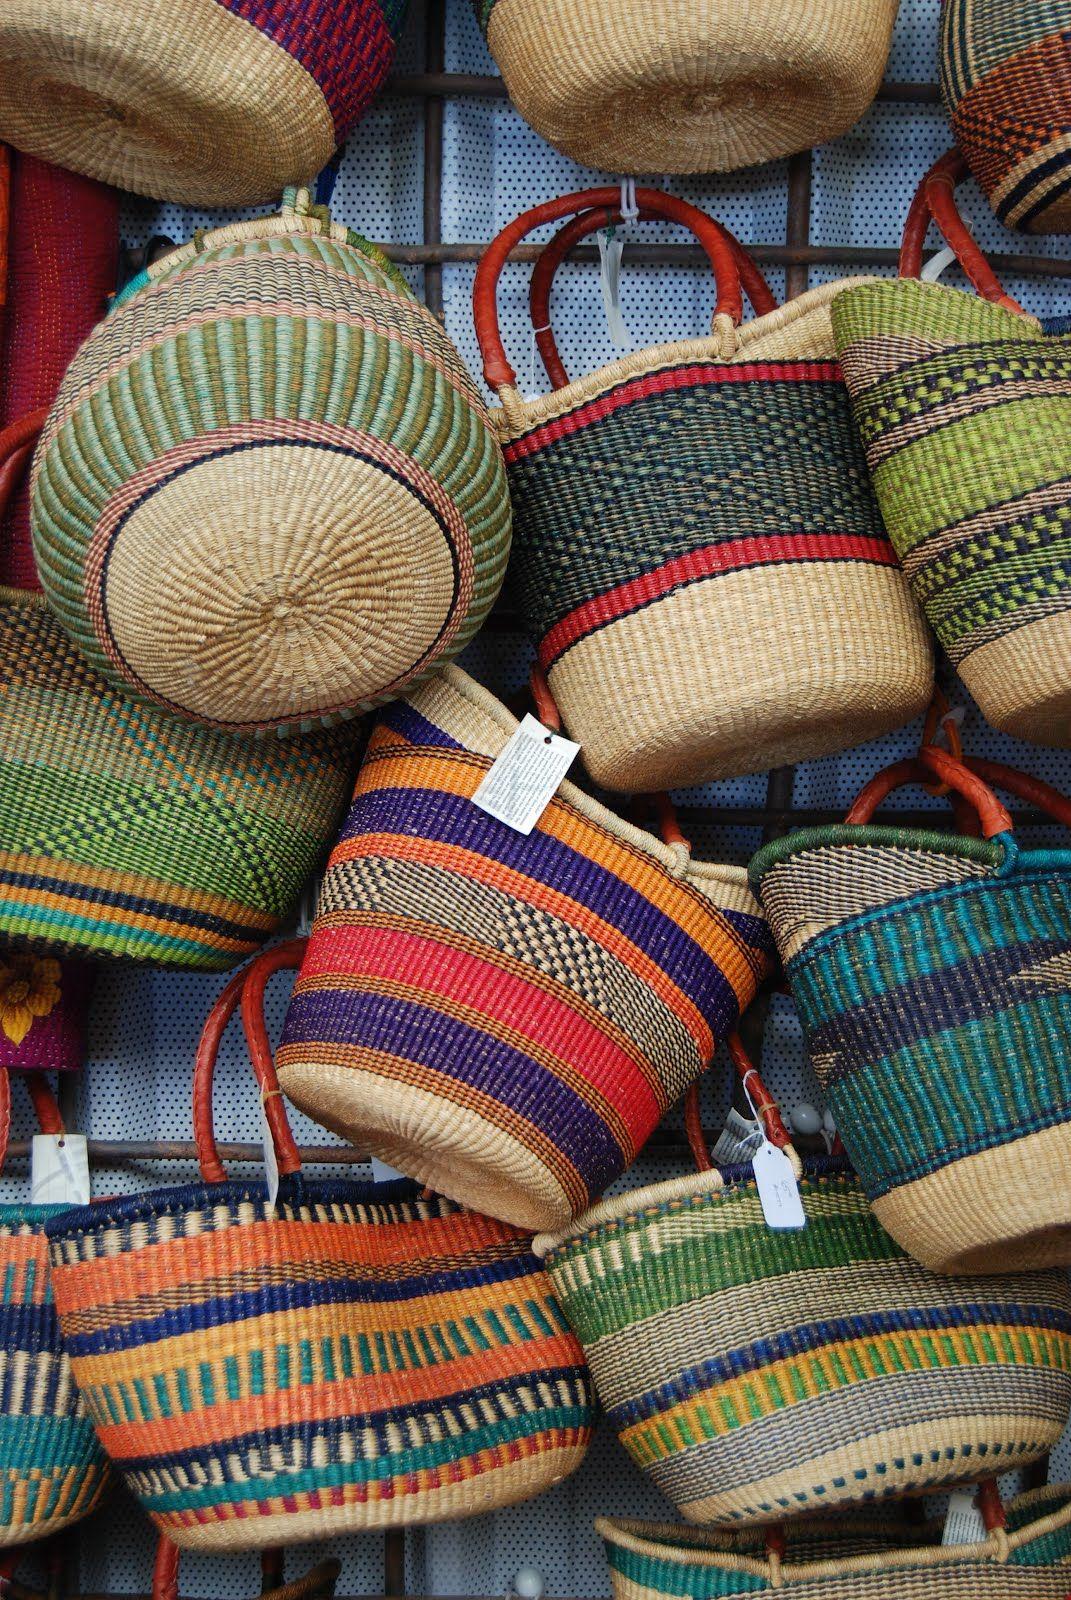 Market Basket Market Baskets Basket Weaving Colorful Baskets